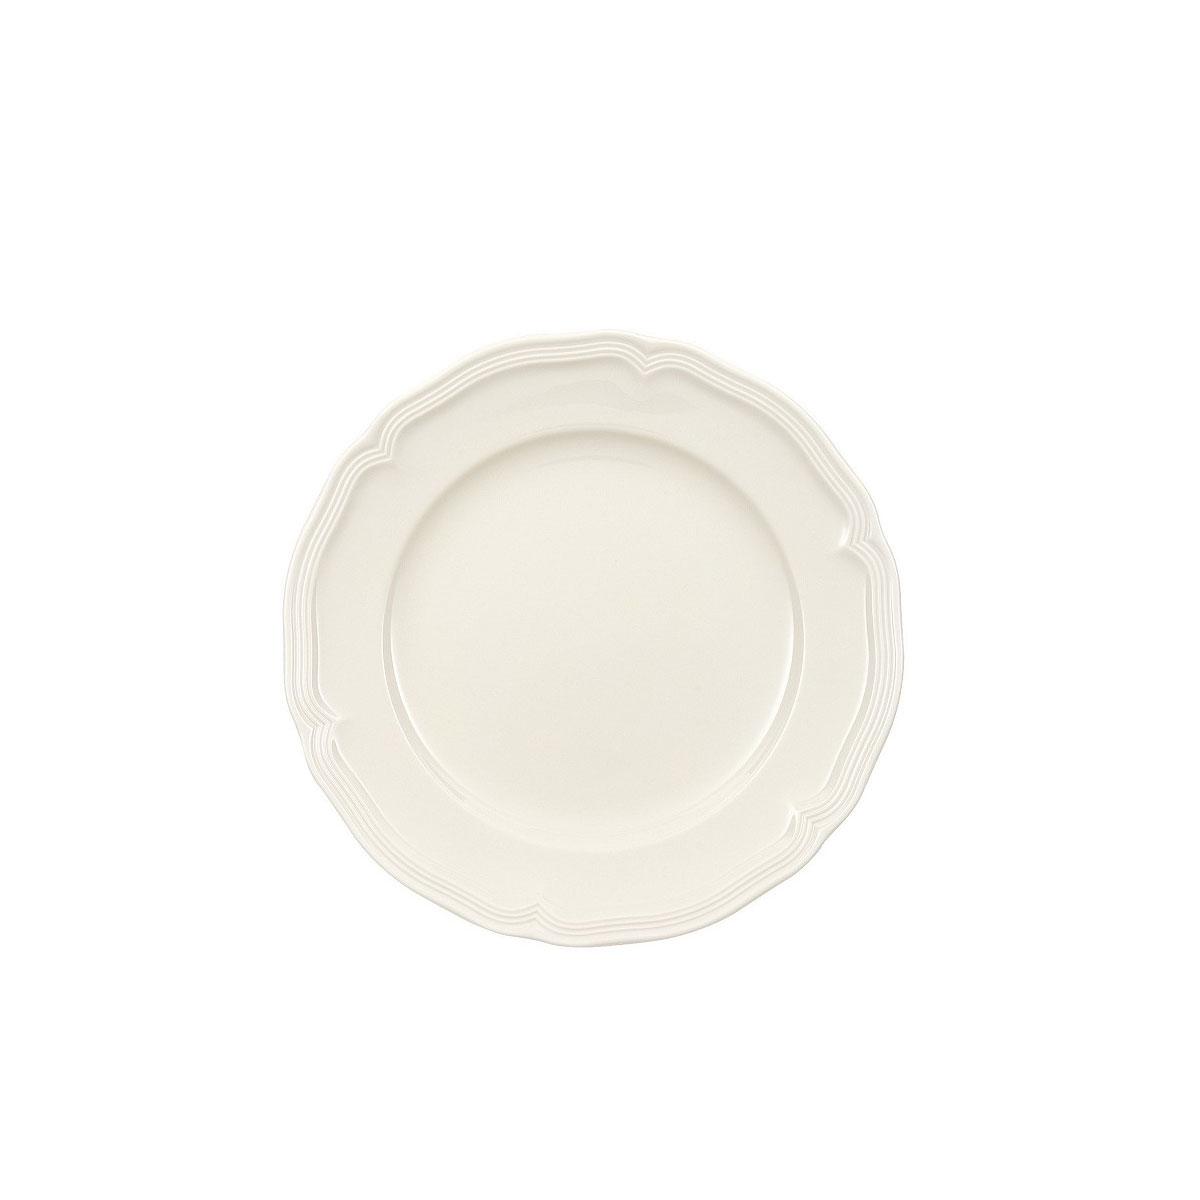 Villeroy and Boch Manoir Salad Plate, Single